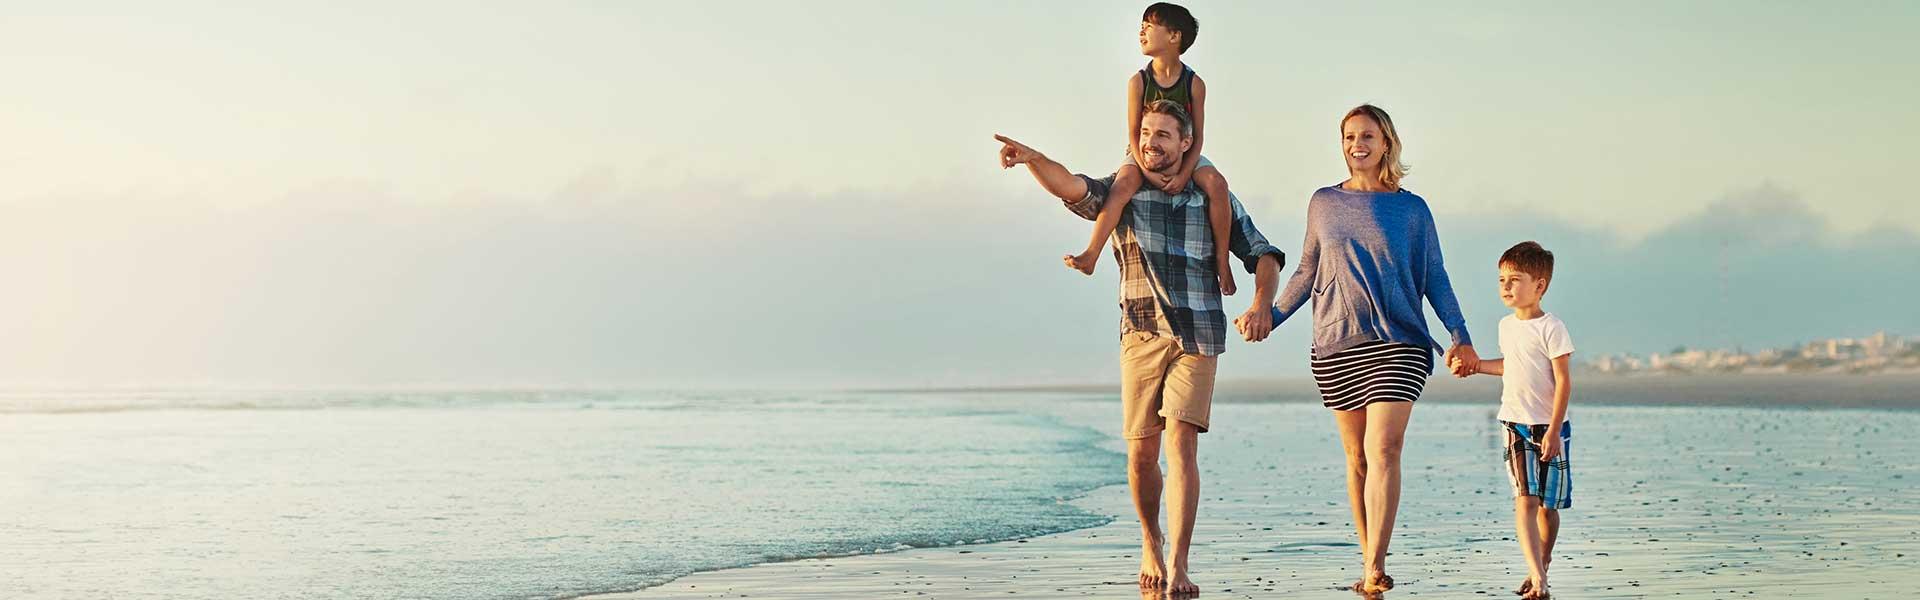 Famille sur une plage d'Afrique du Sud